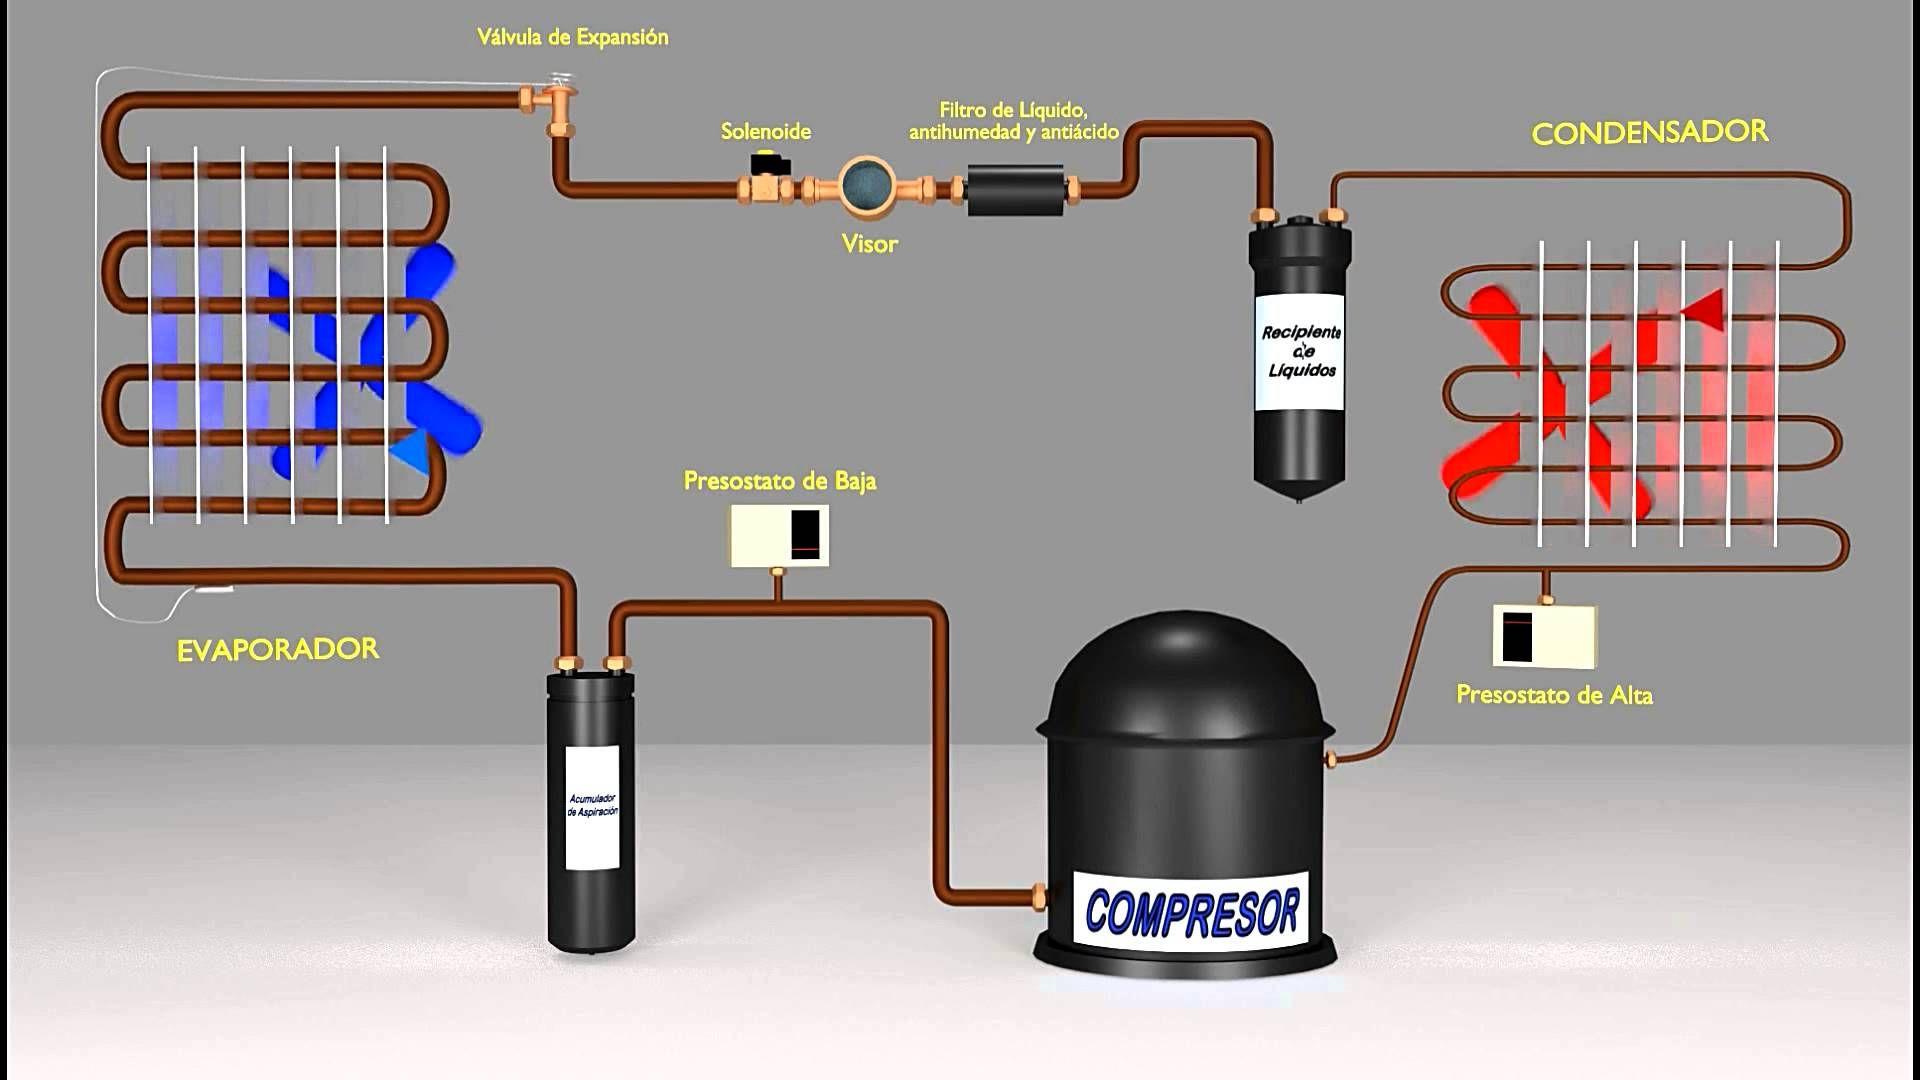 Circuito Electrico Heladera Comercial : Esquema clásico de circuito frigorífico nevera